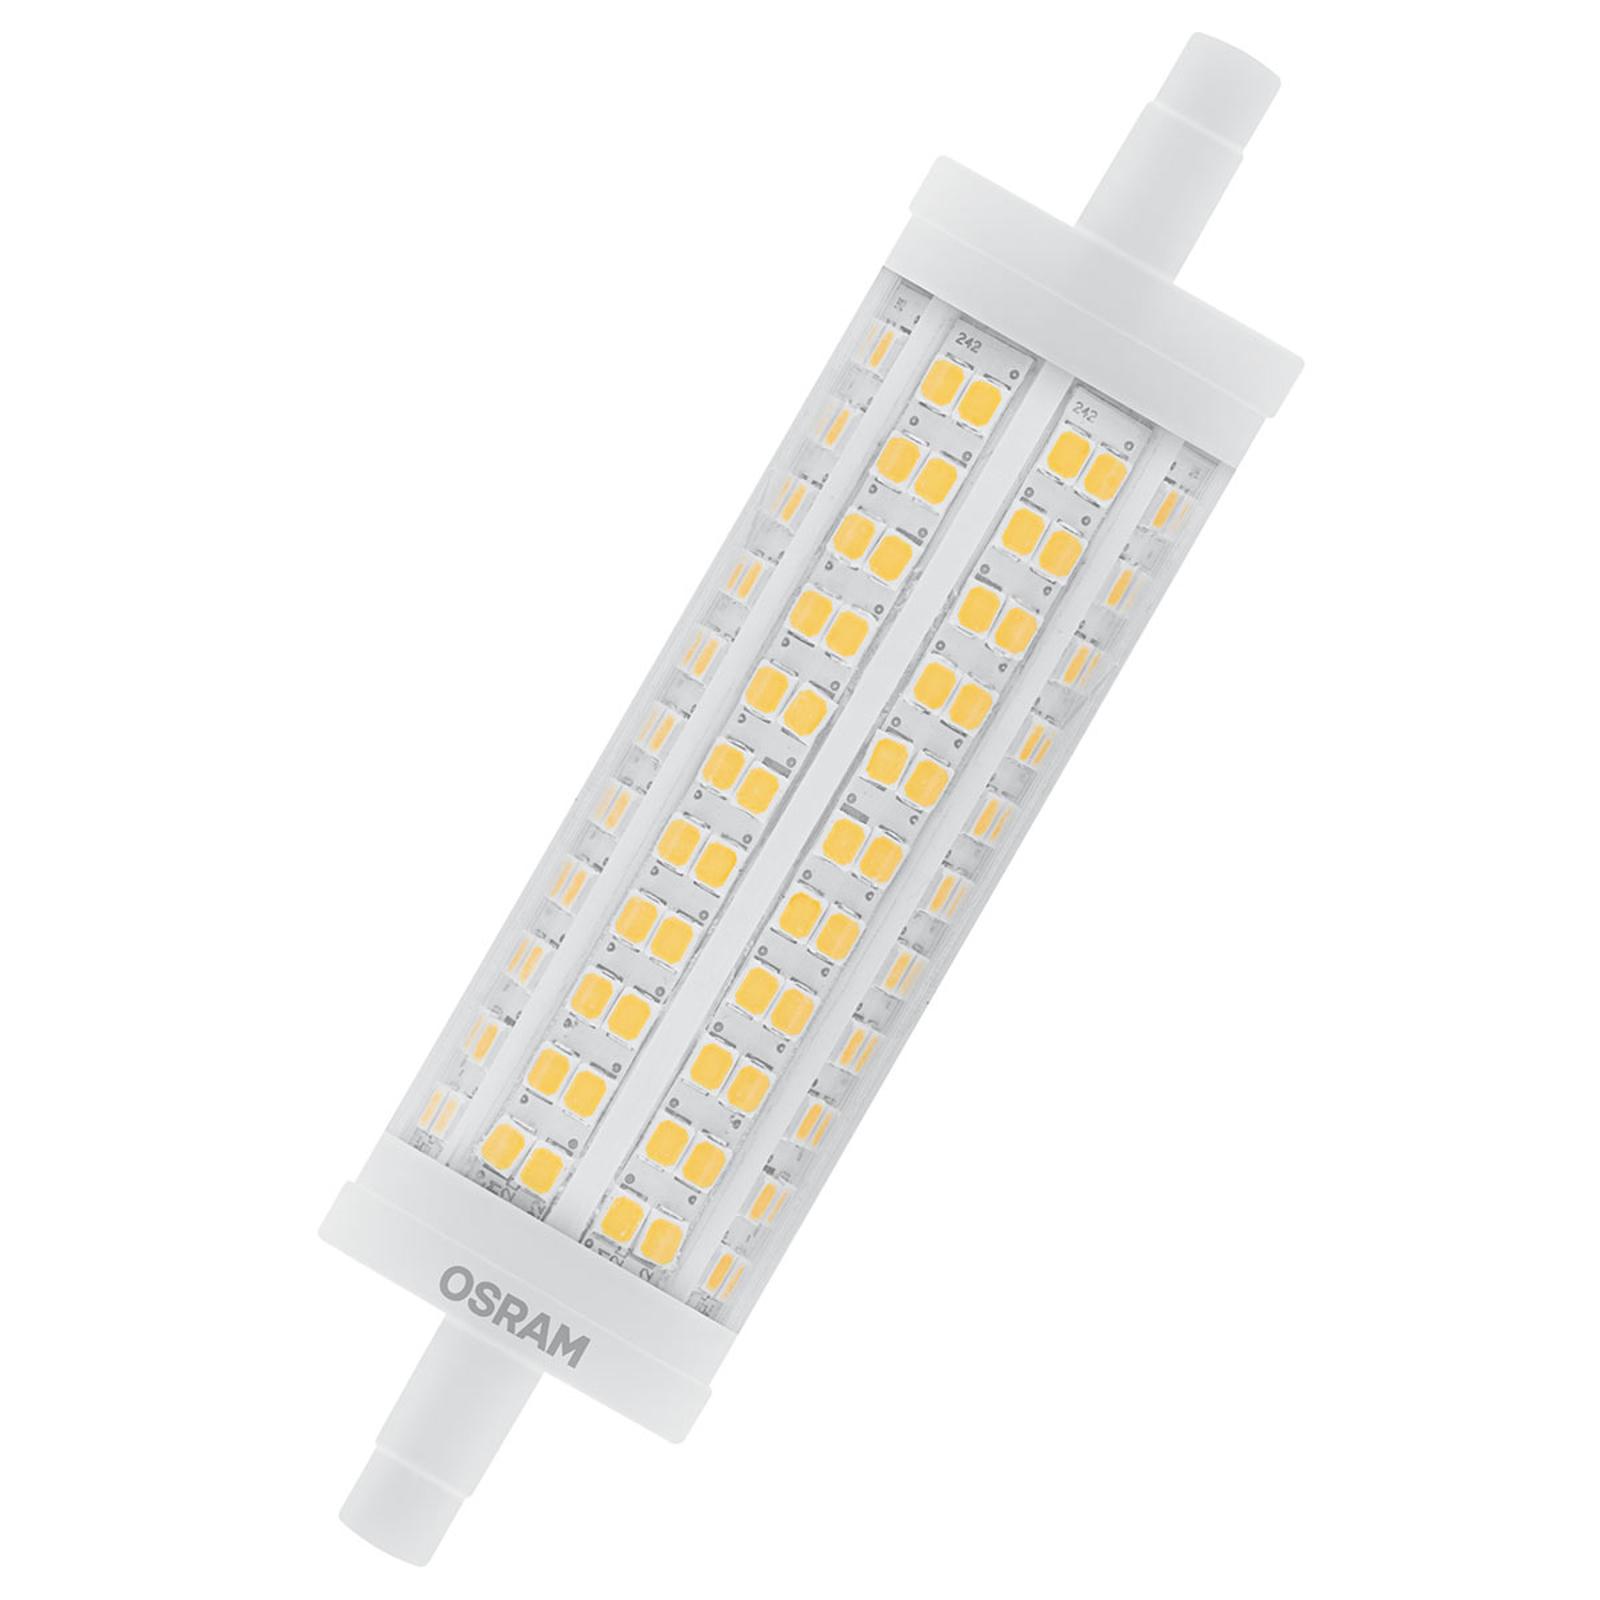 OSRAM żarówka prętowa LED R7s 17,5W, 2452 lm